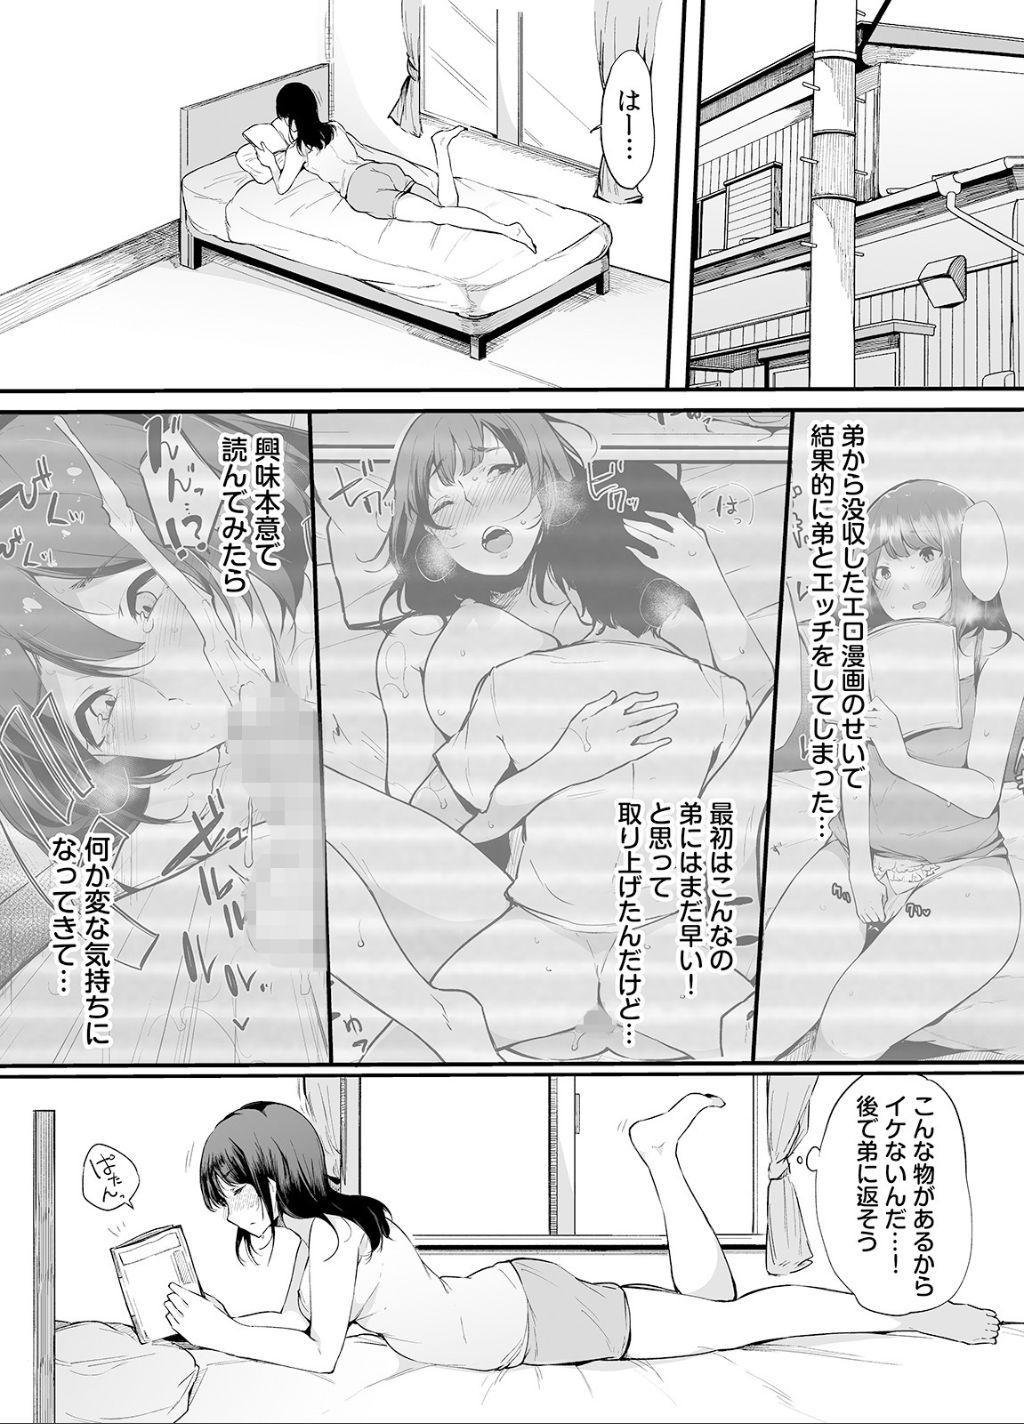 Otouto ni Ero Manga to Onaji Koto o Sare Chau o Nee-chan no Hanashi 2 2